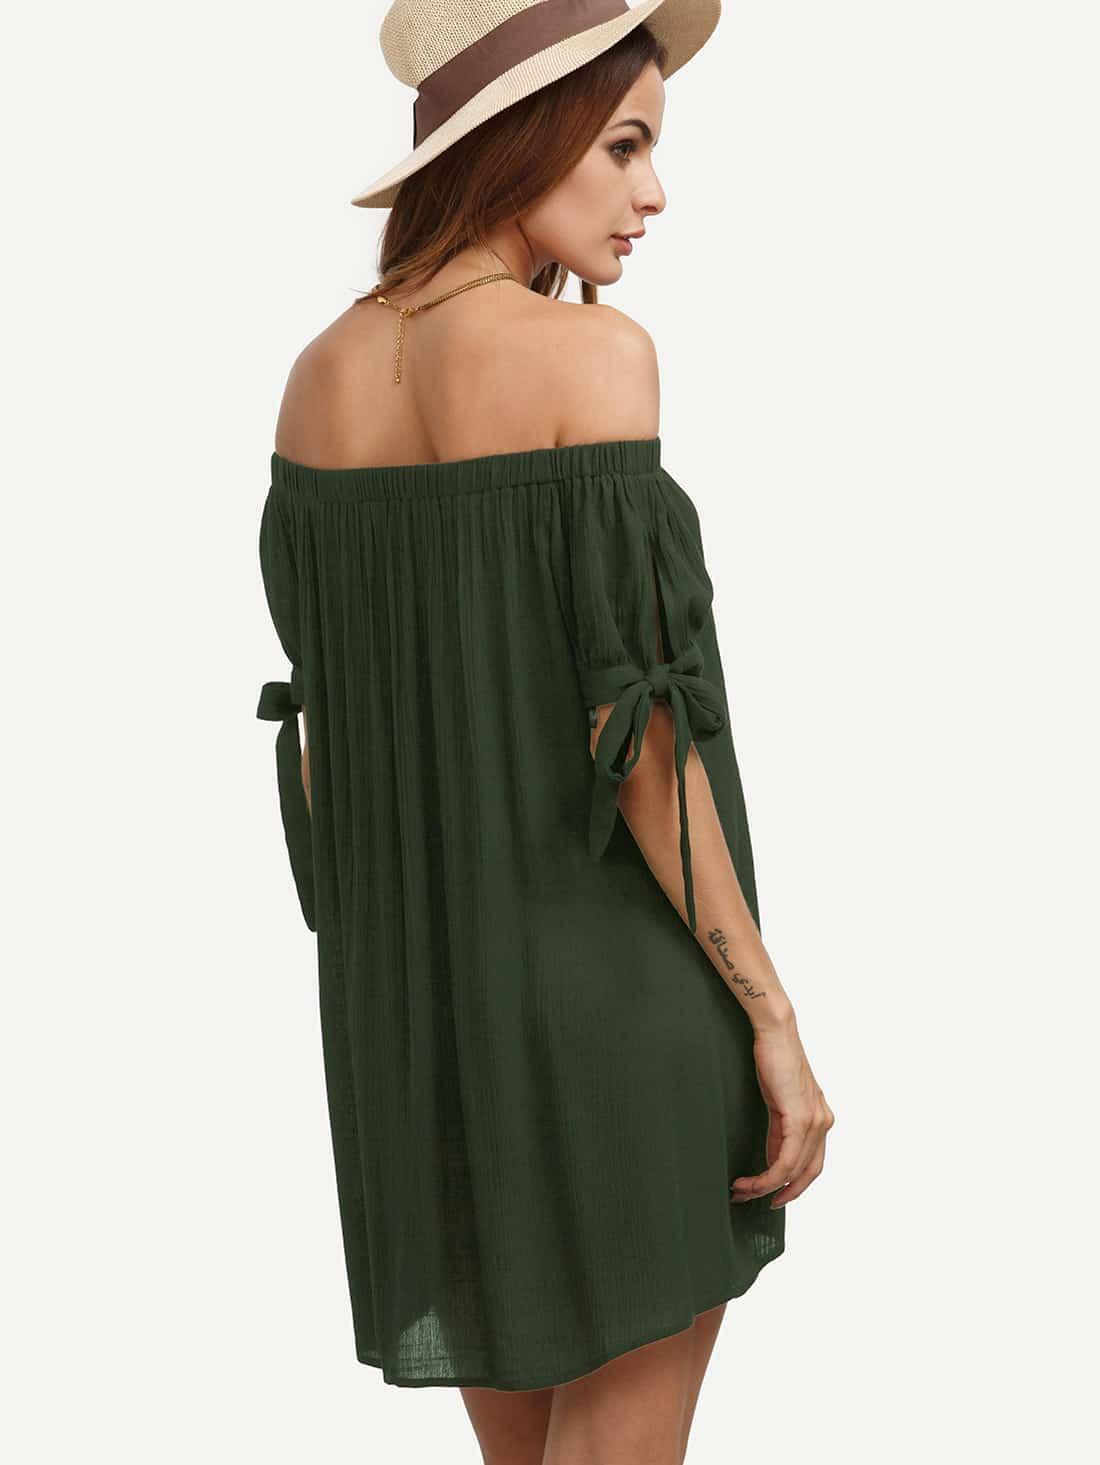 dress170420703_2